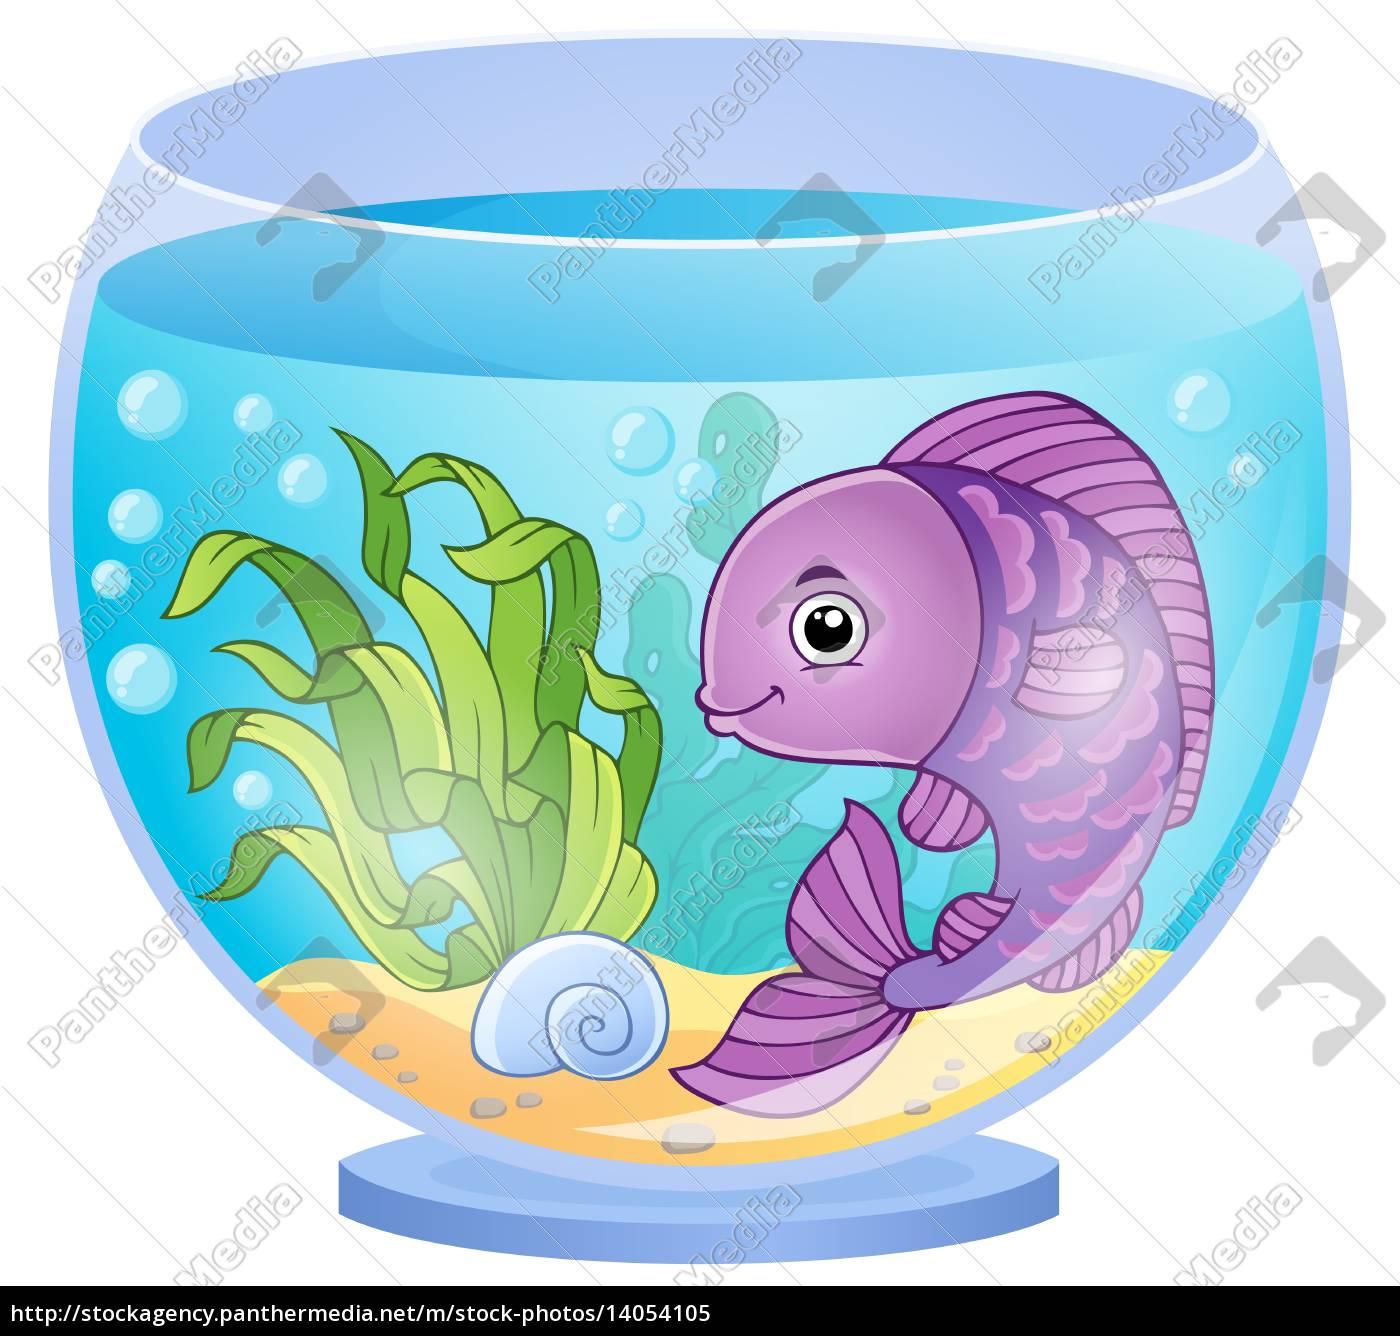 aquarium, theme, image, 6 - 14054105